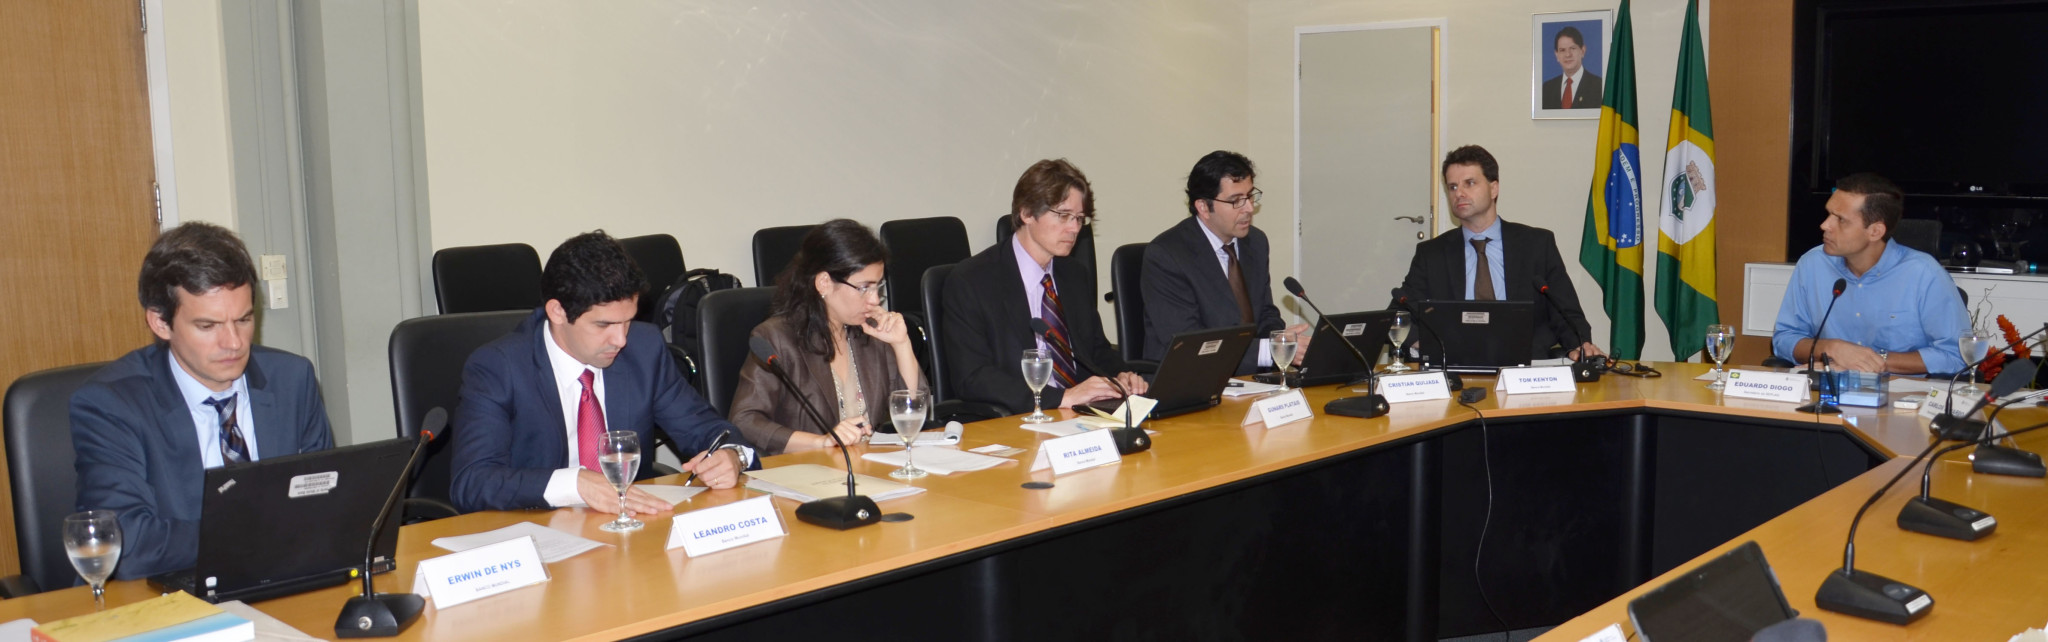 Governo e Banco Mundial têm encontro na SEPLAG